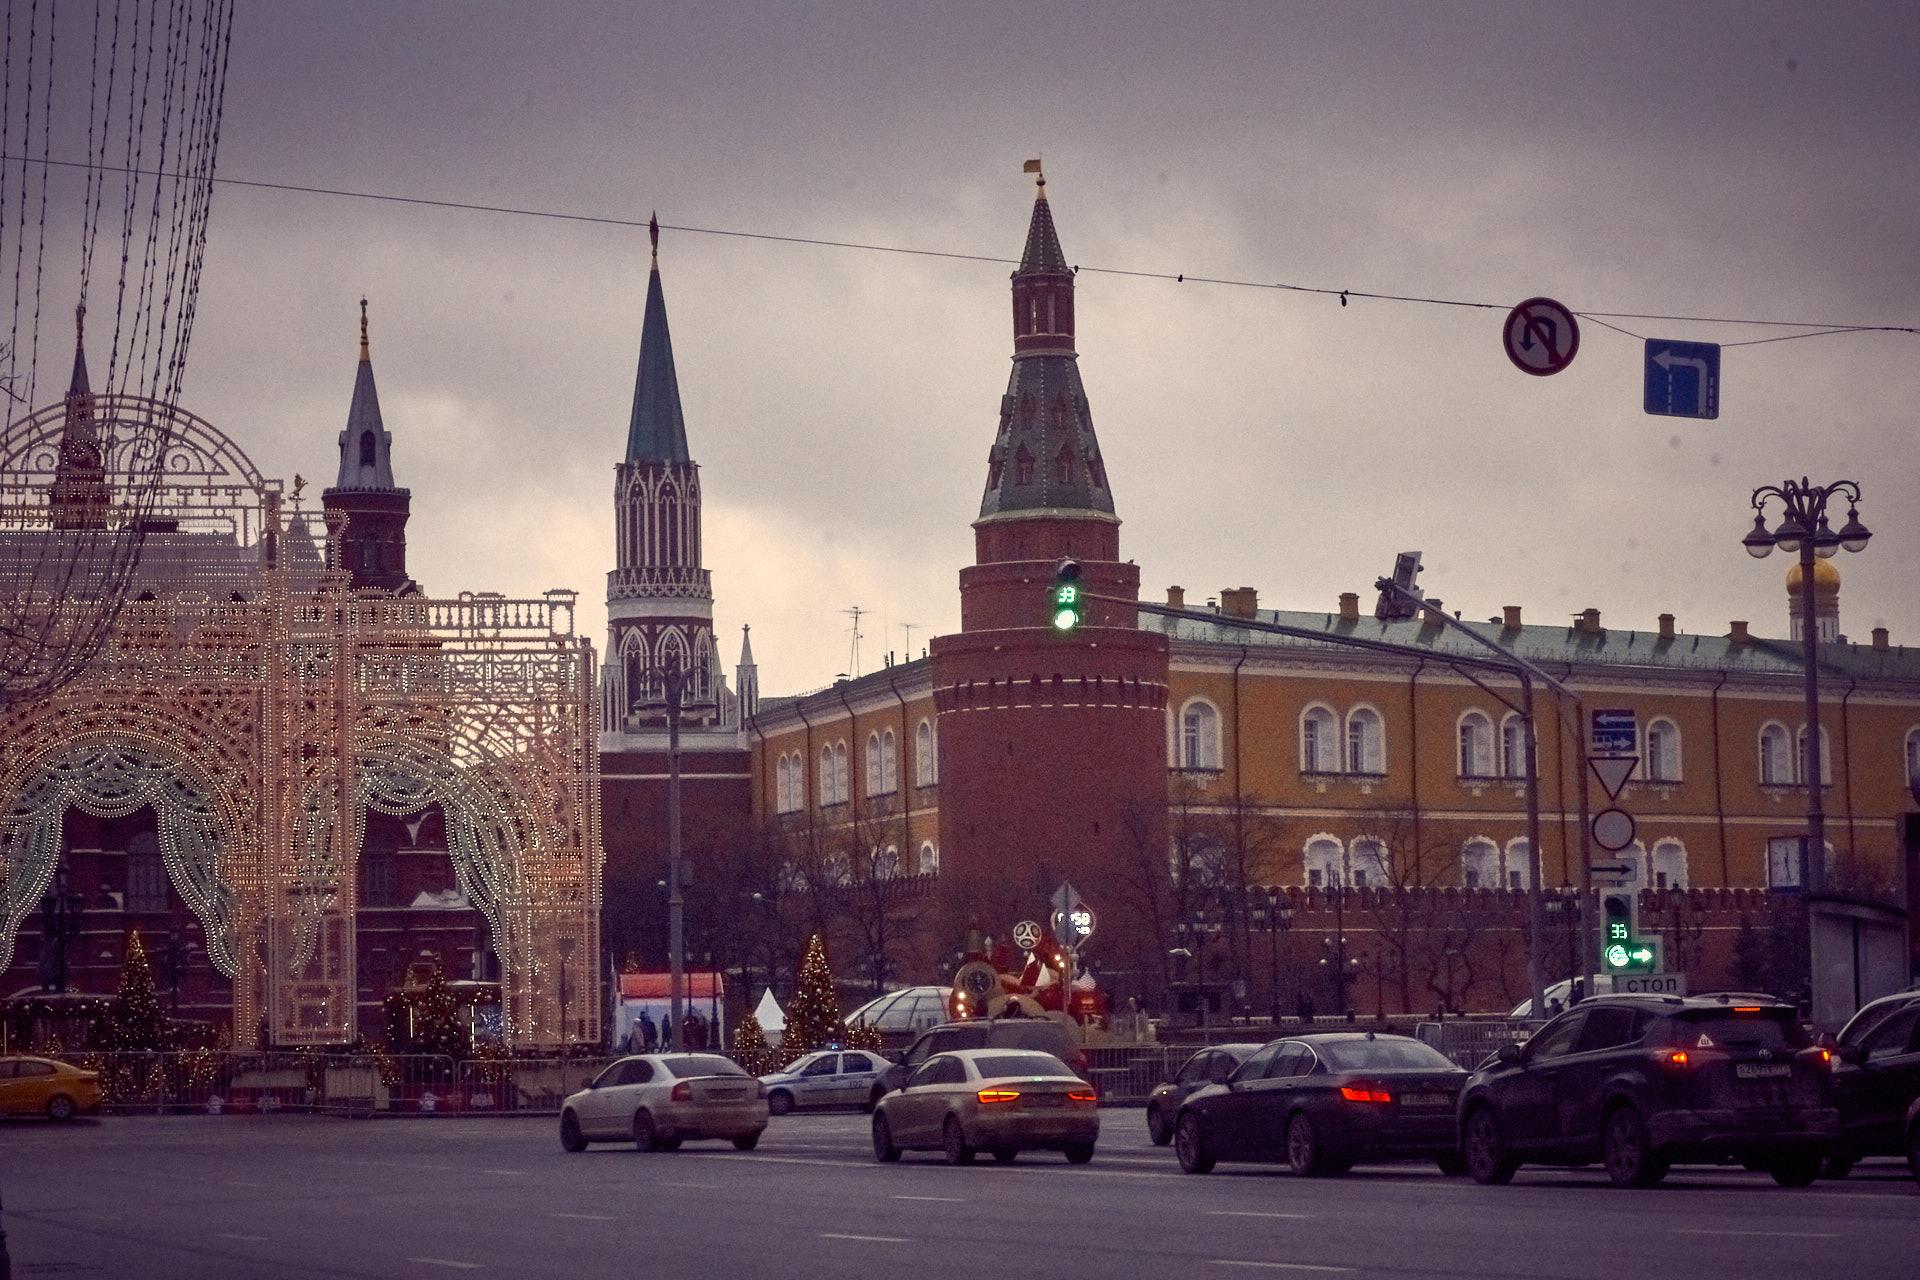 Манежная площадь, светофор, перекресток, Москва, Зима, Новый год 2018, угловая Арсенальная башня, Никольская башня, Кремль, Арсенал